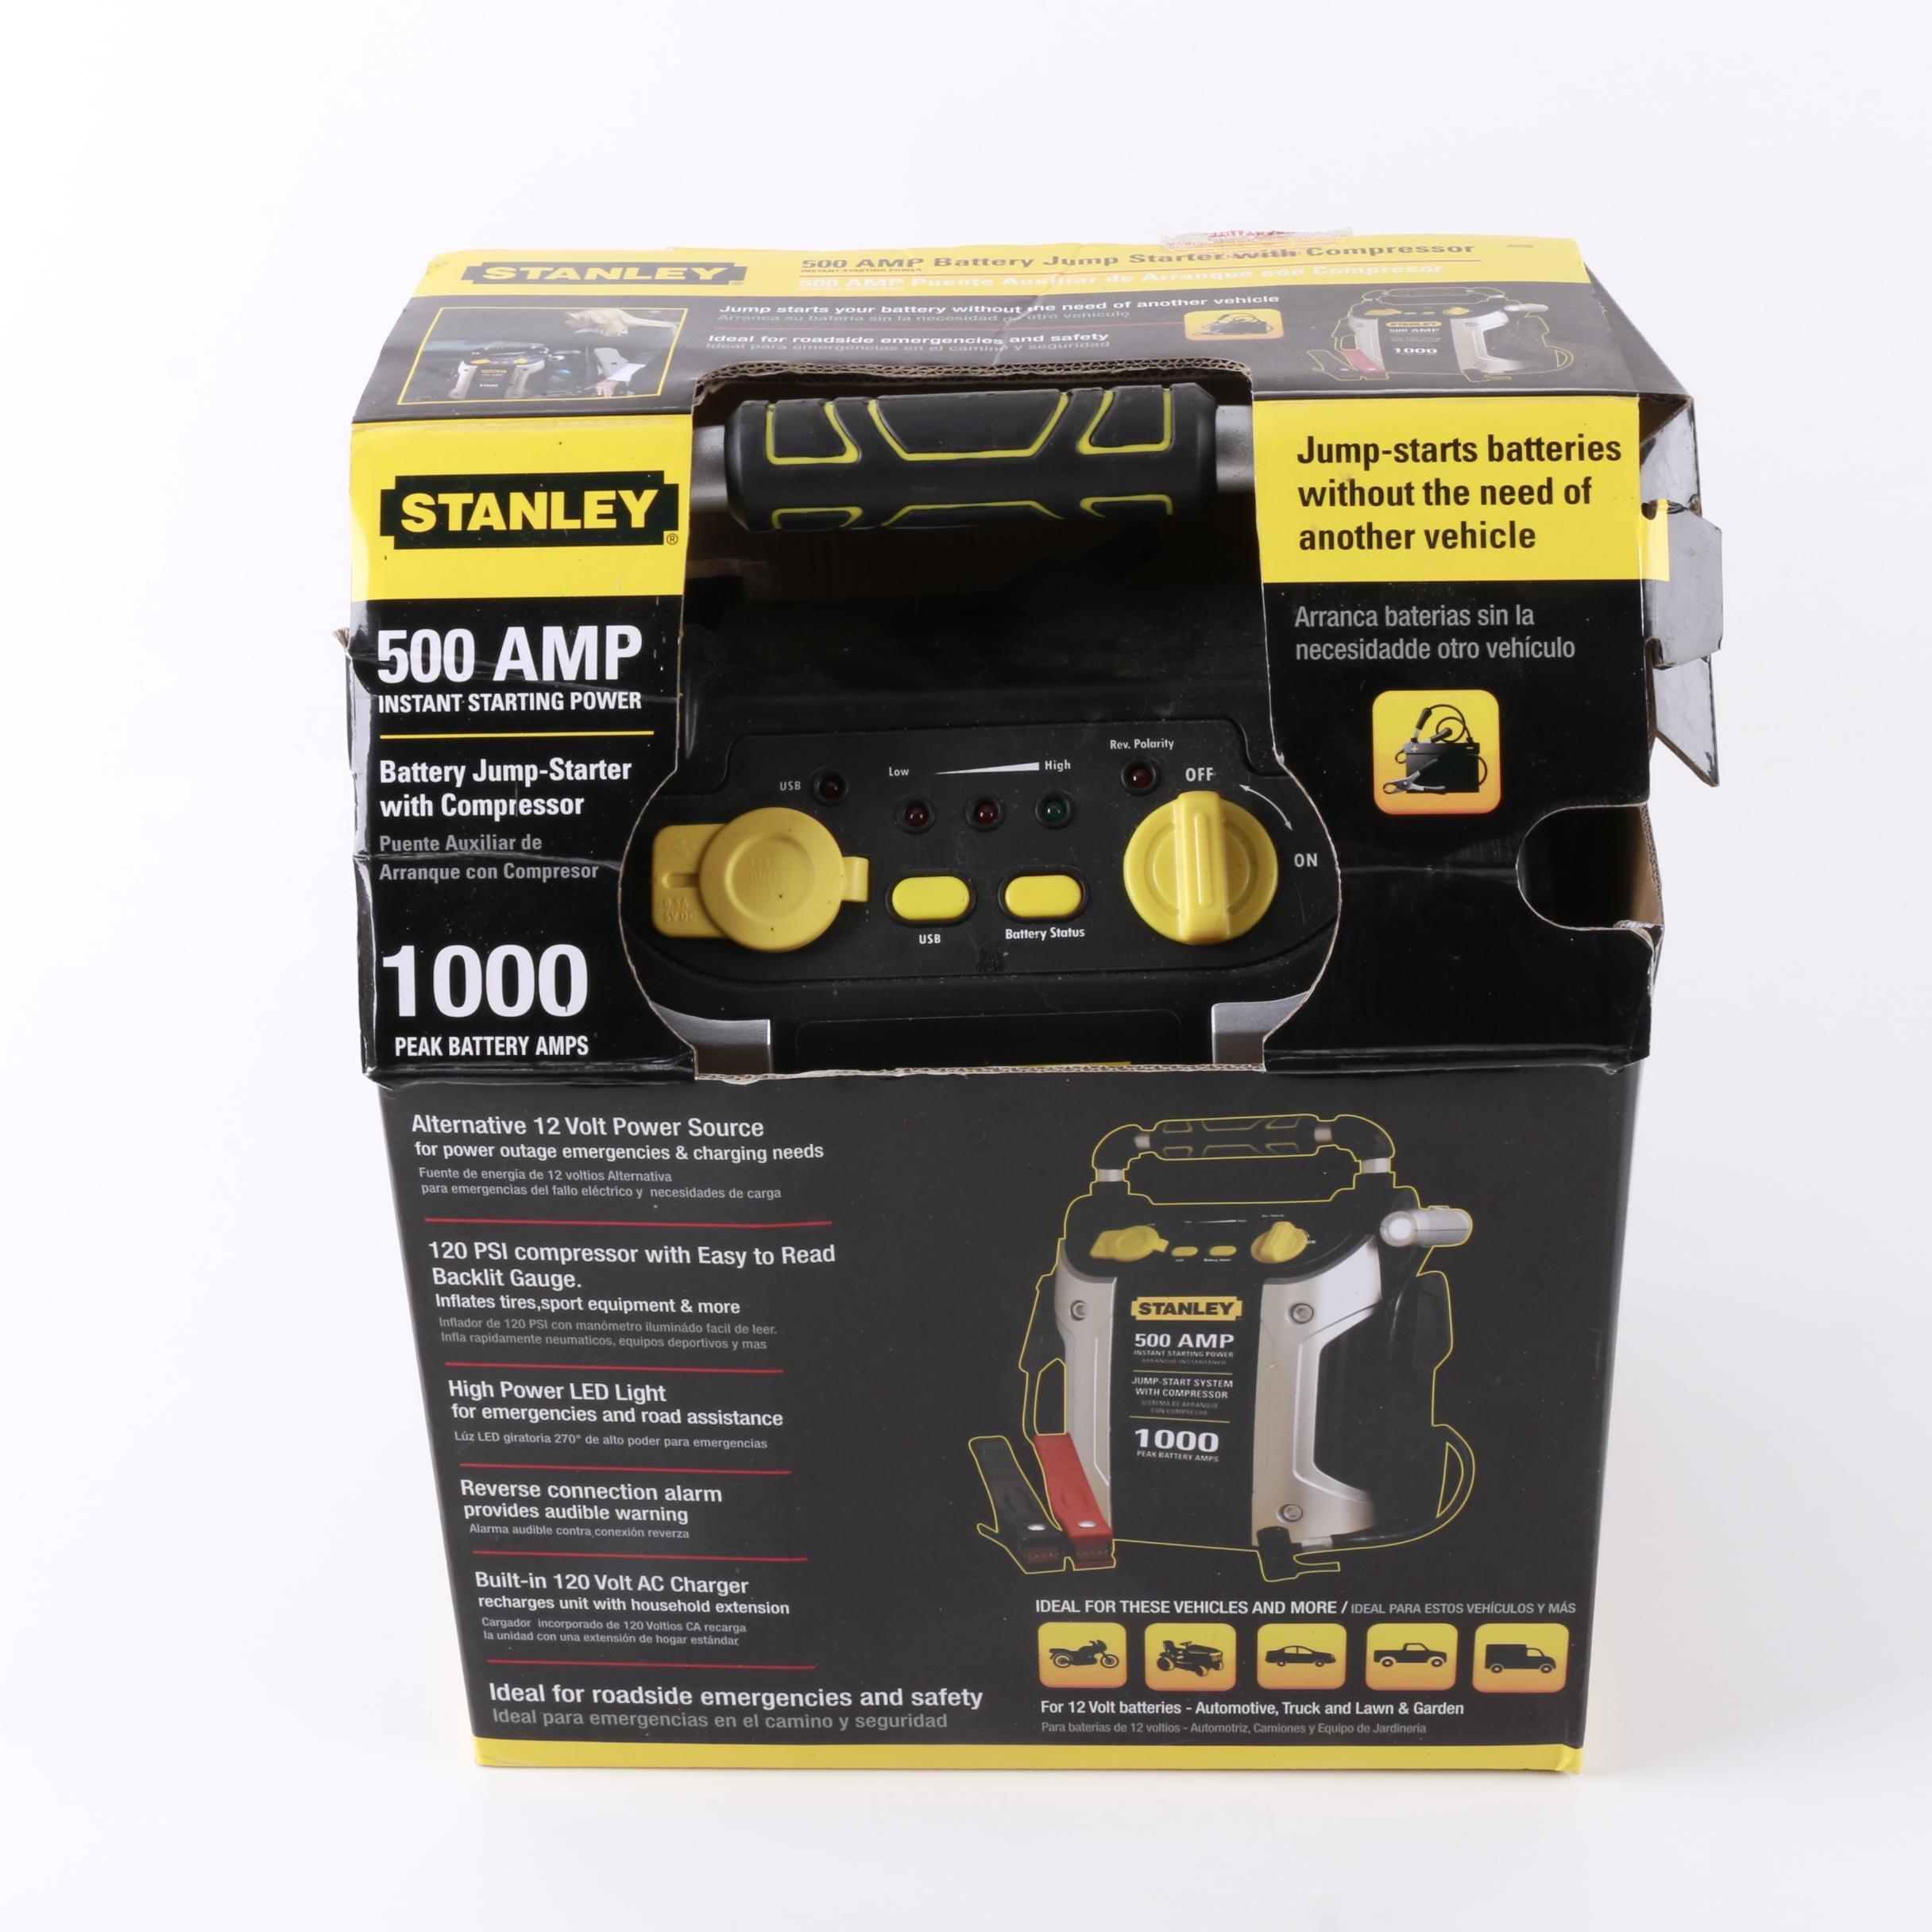 Stanley 500 Amp Jump Starter and Compressor